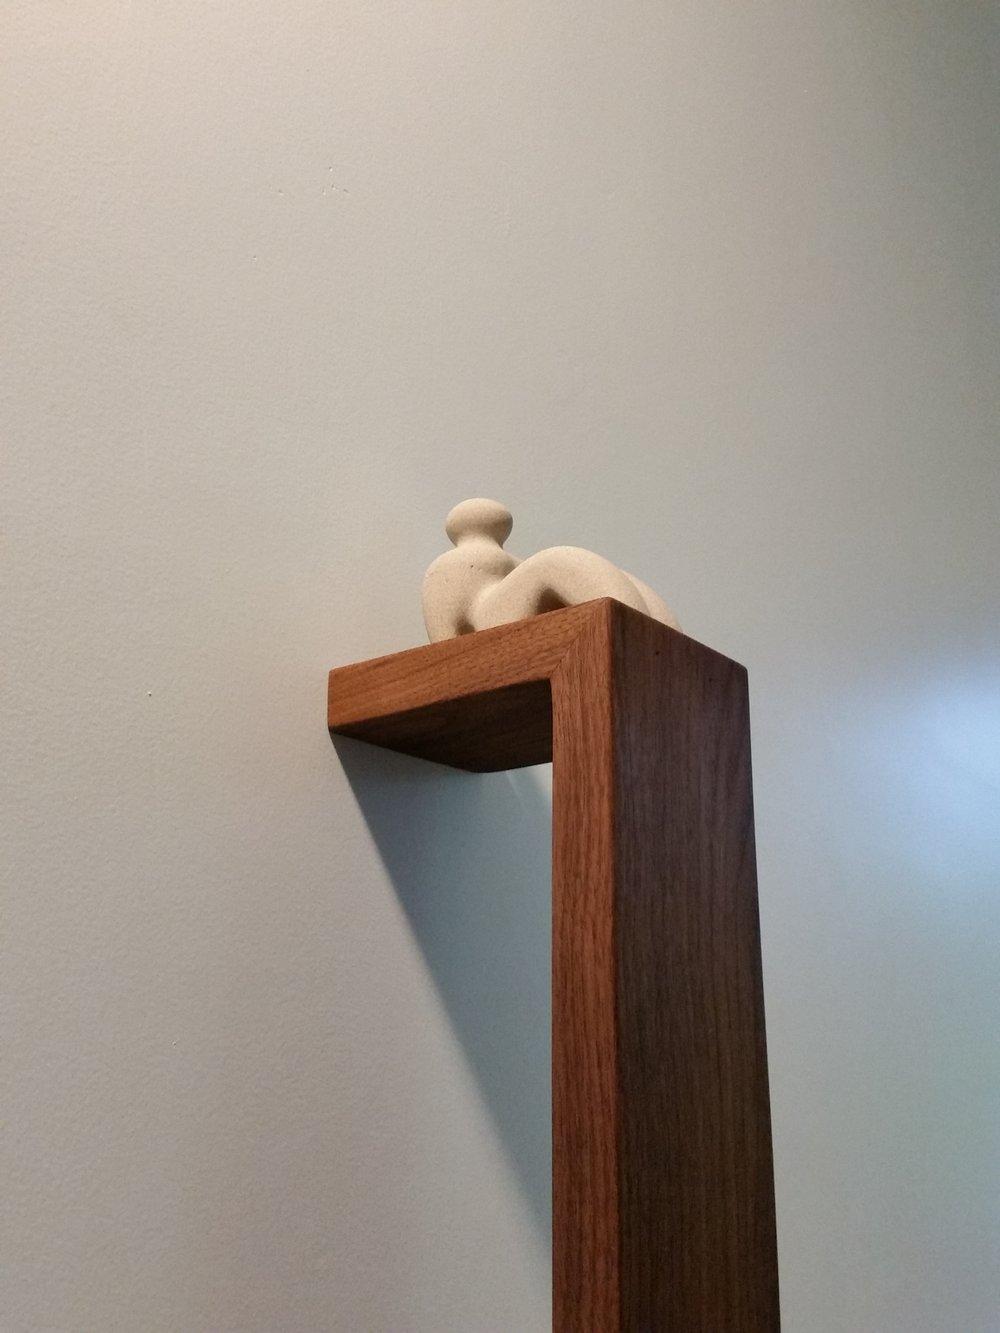 Livin' on the Ledge - limestone figure on walnut